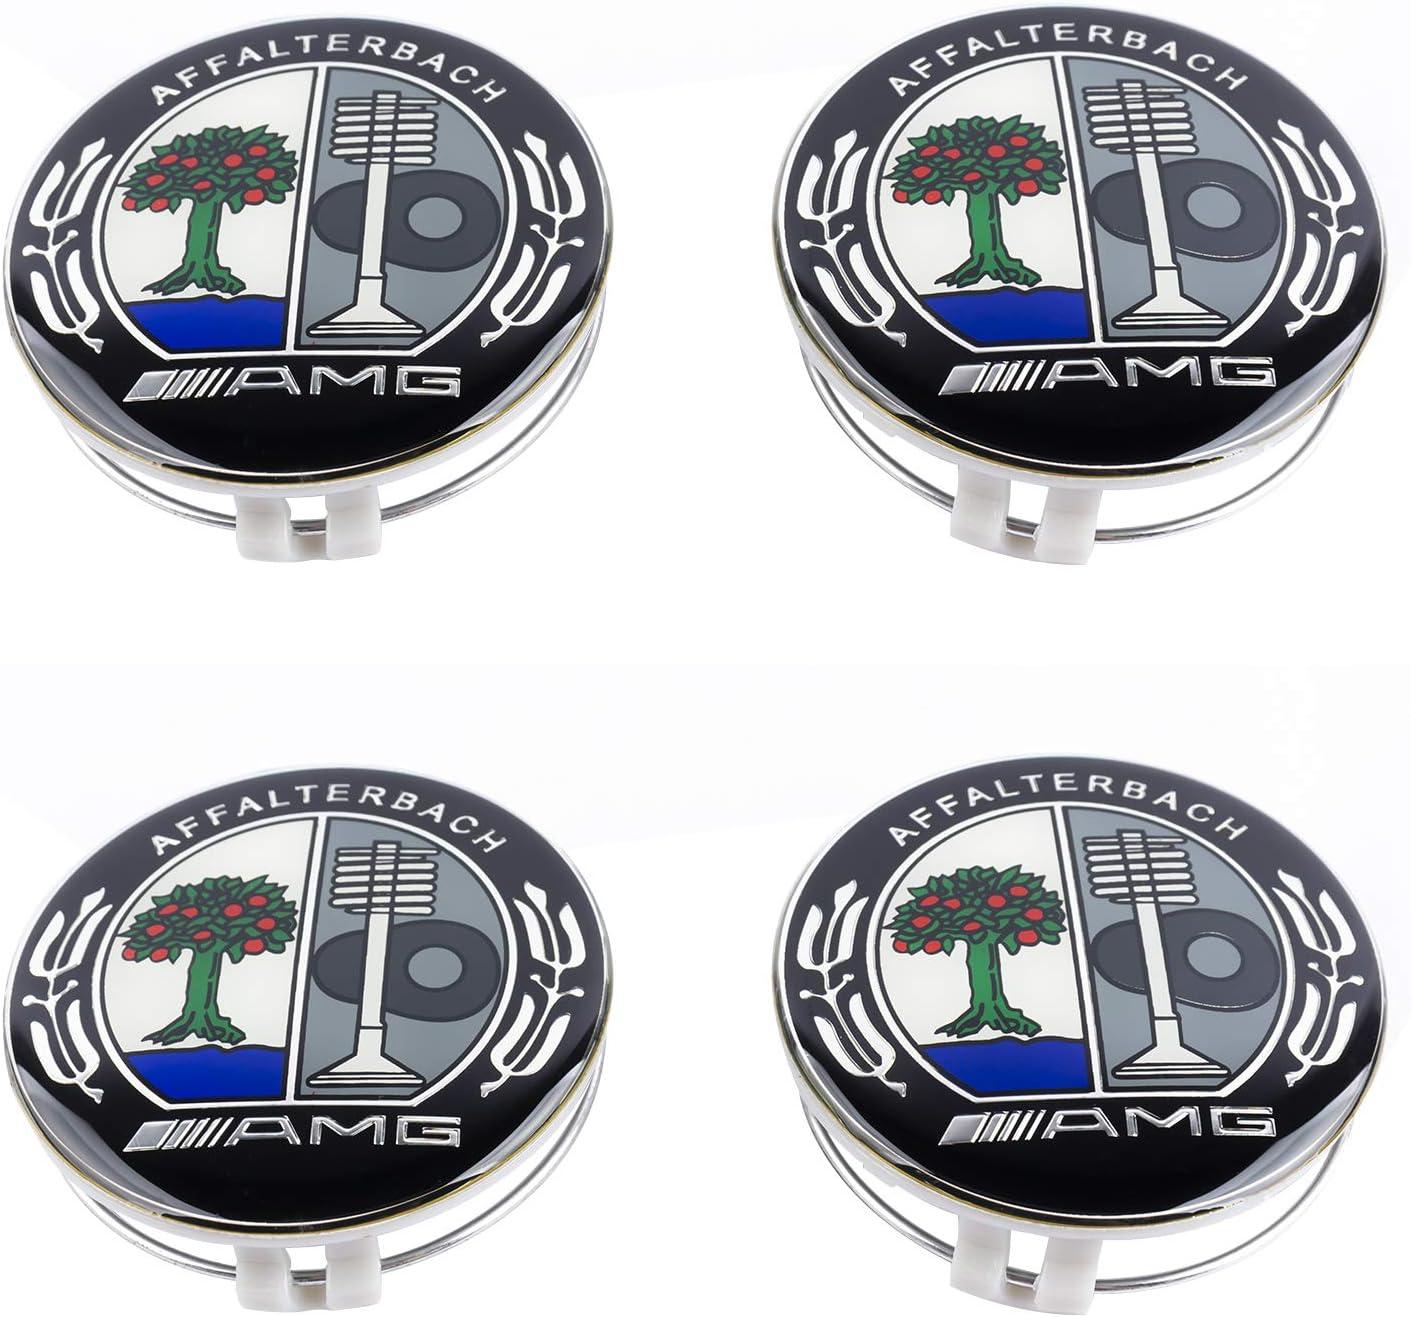 SFONIA 4pcs 75MM Cache Moyeux Enjoliveurs de Roue pour Classe A B C E CLA CLS SLK ML GLK W204 W212 W210 W221 W220